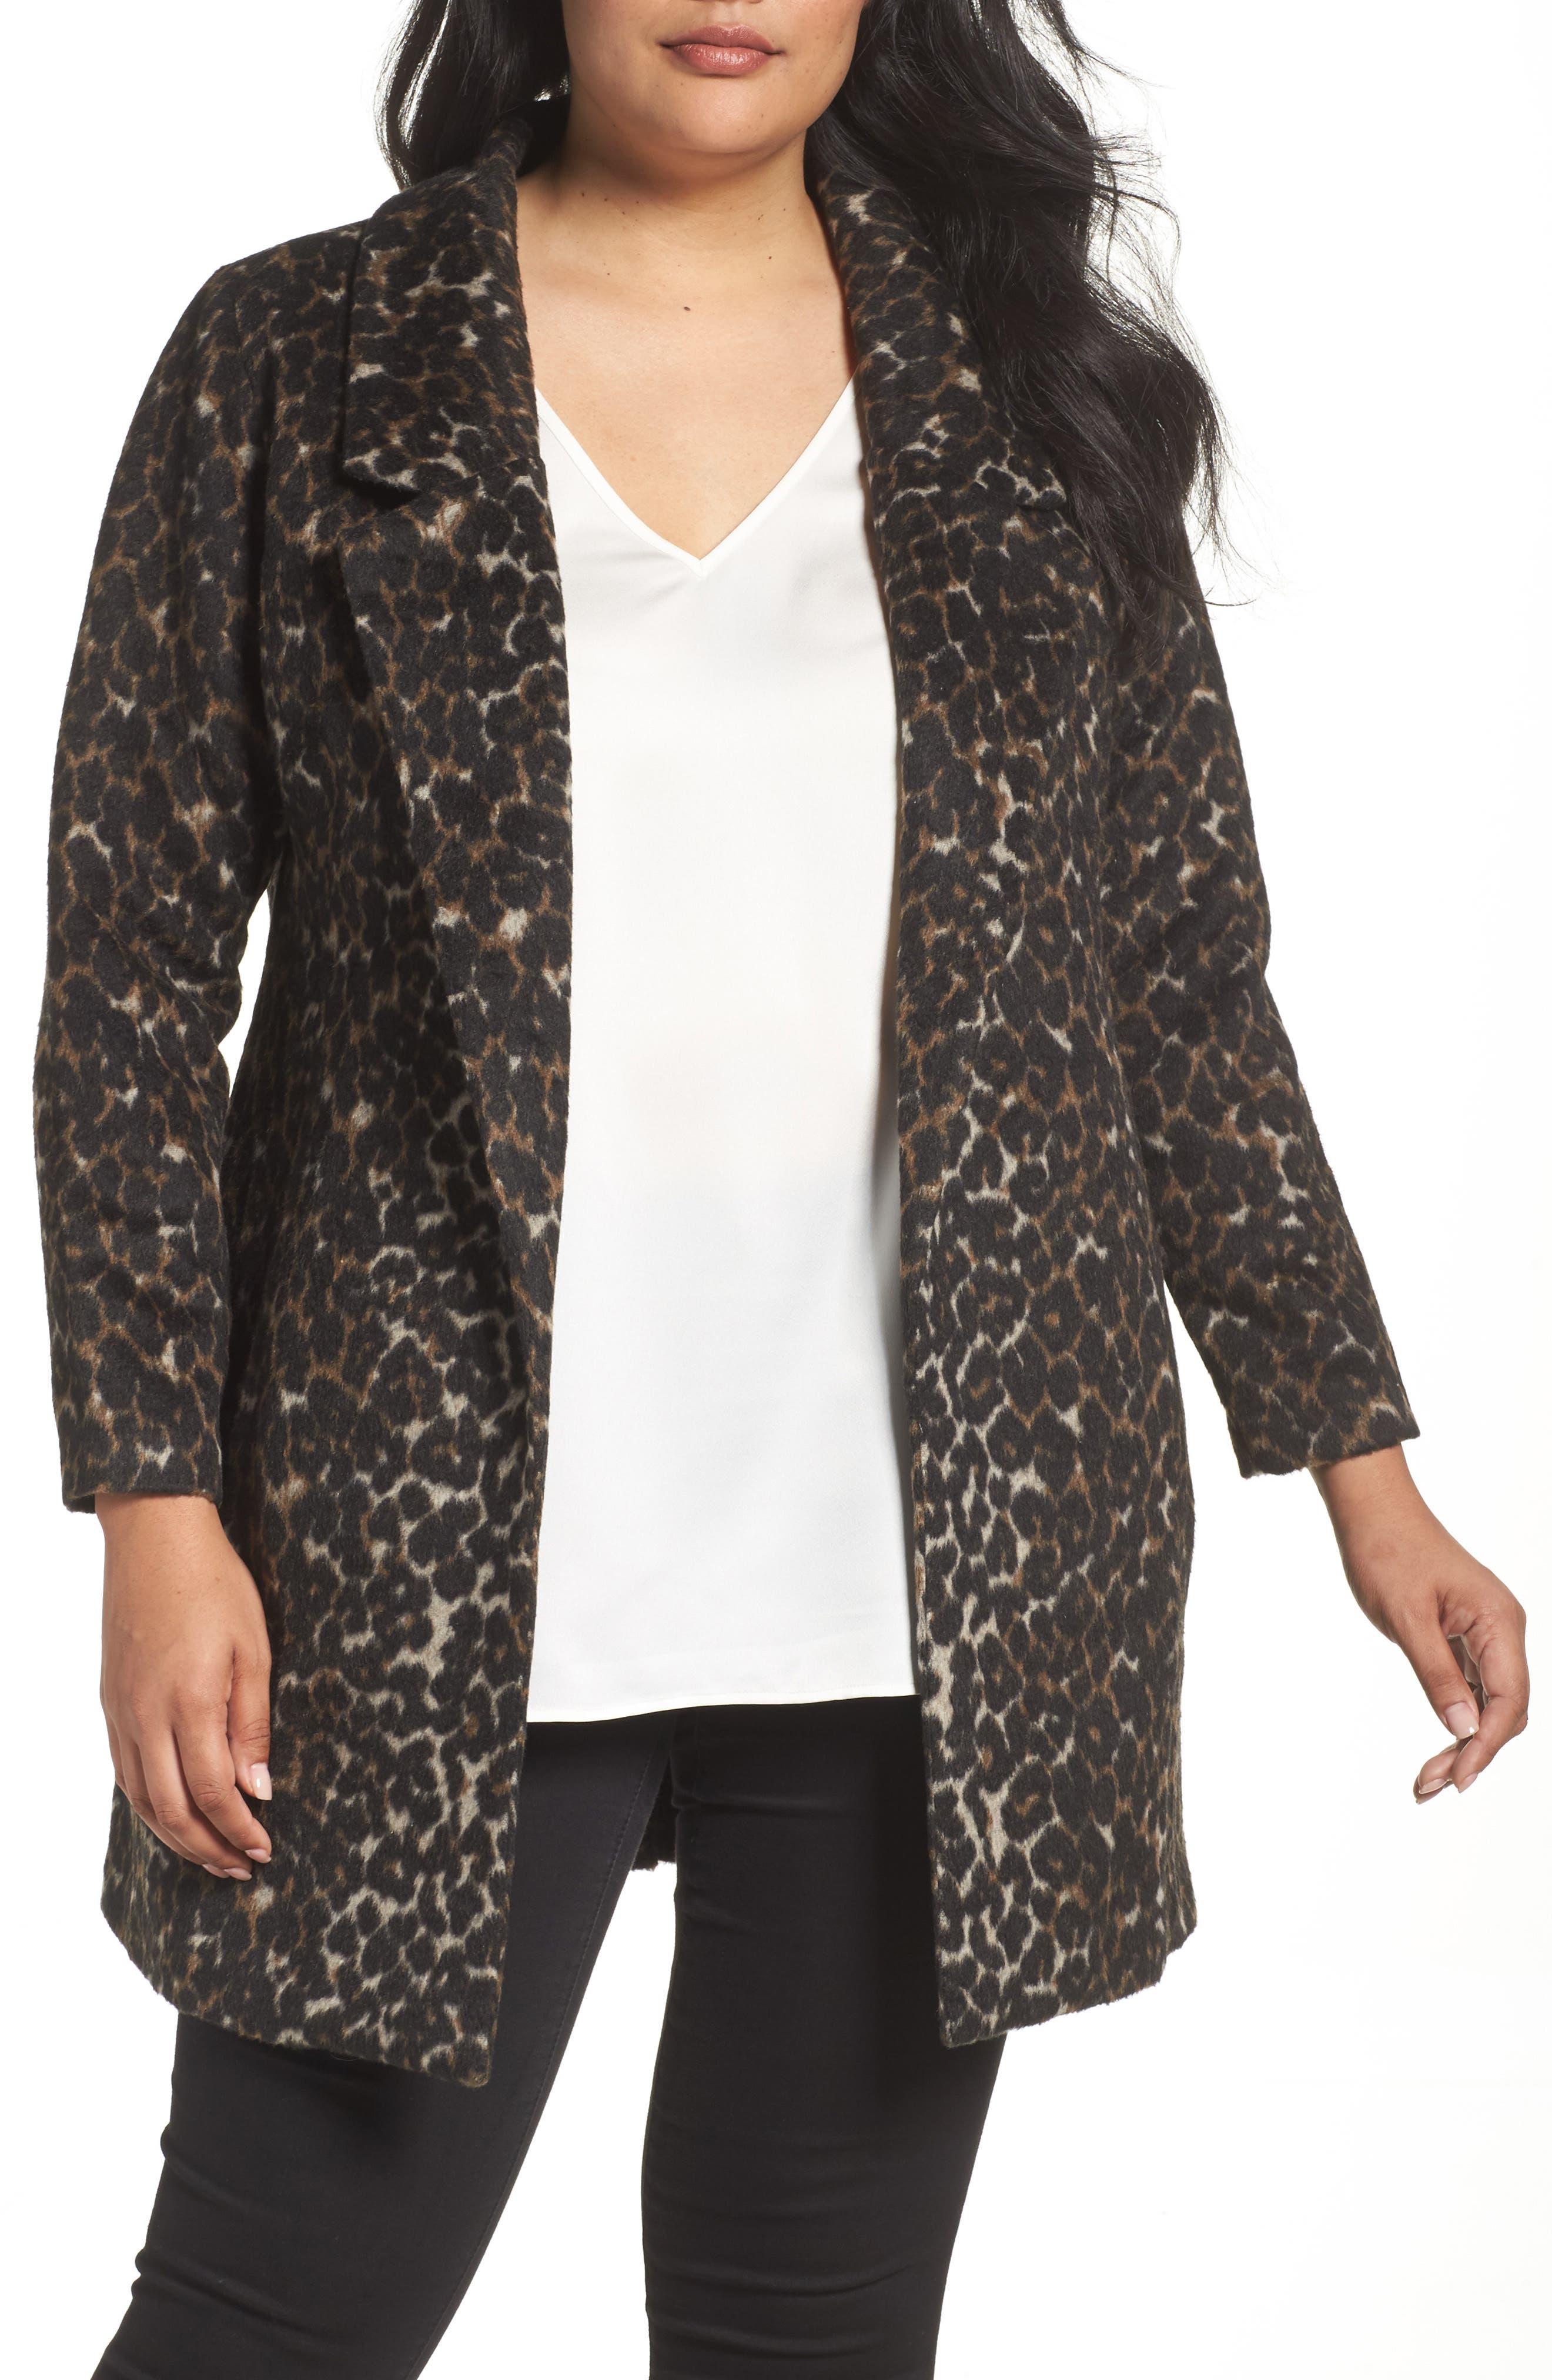 Main Image - Sejour Leopard Print Jacket (Plus Size)